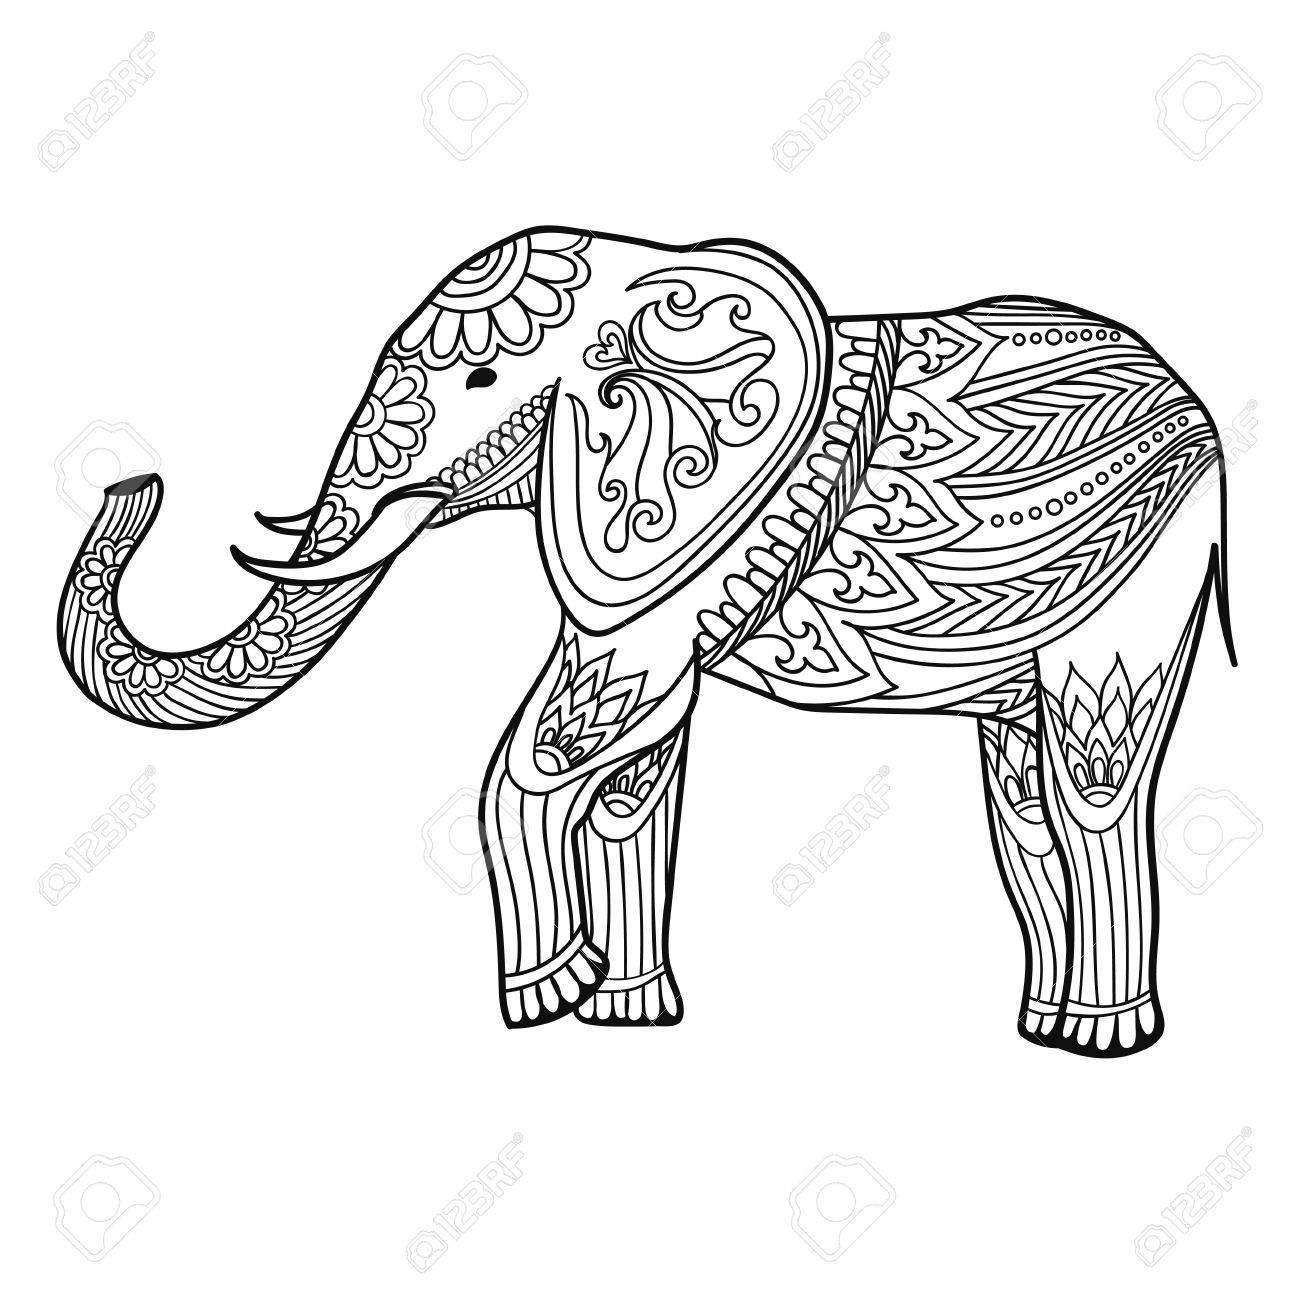 Indischer Elefant In Der Traditionellen Asiatischen Stil Aufwändige